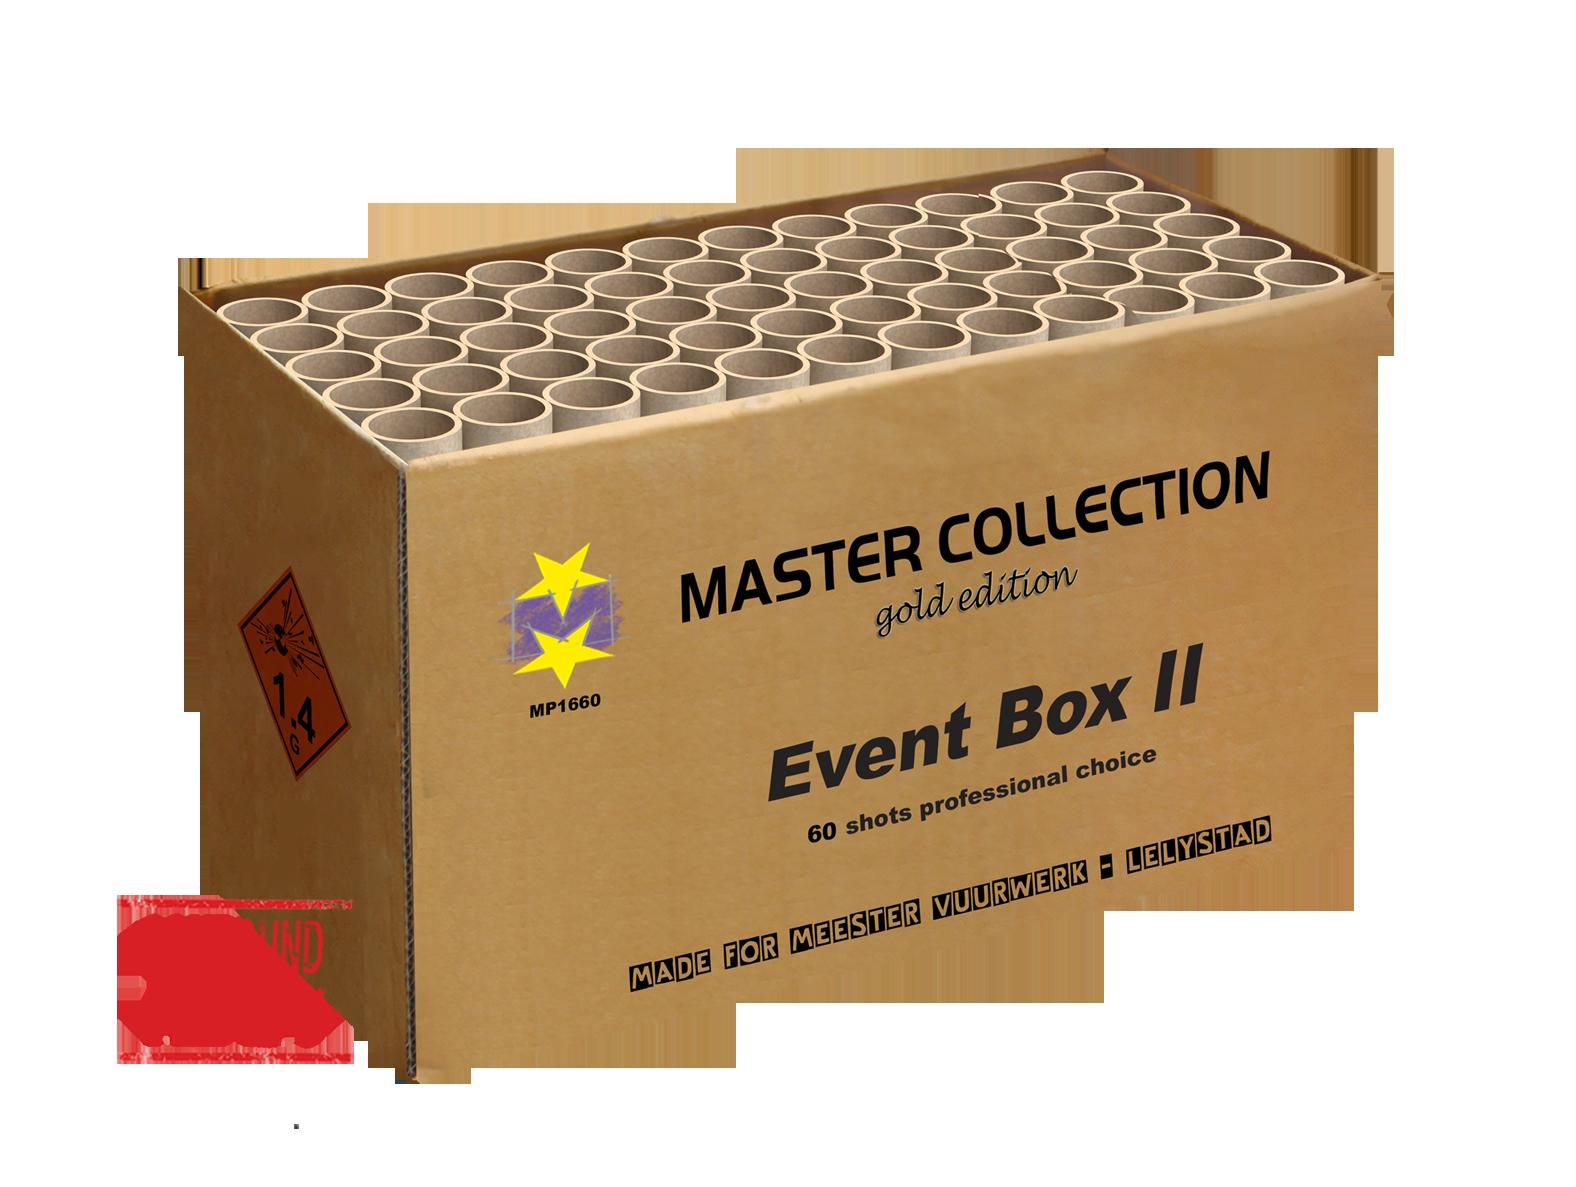 Event Box II